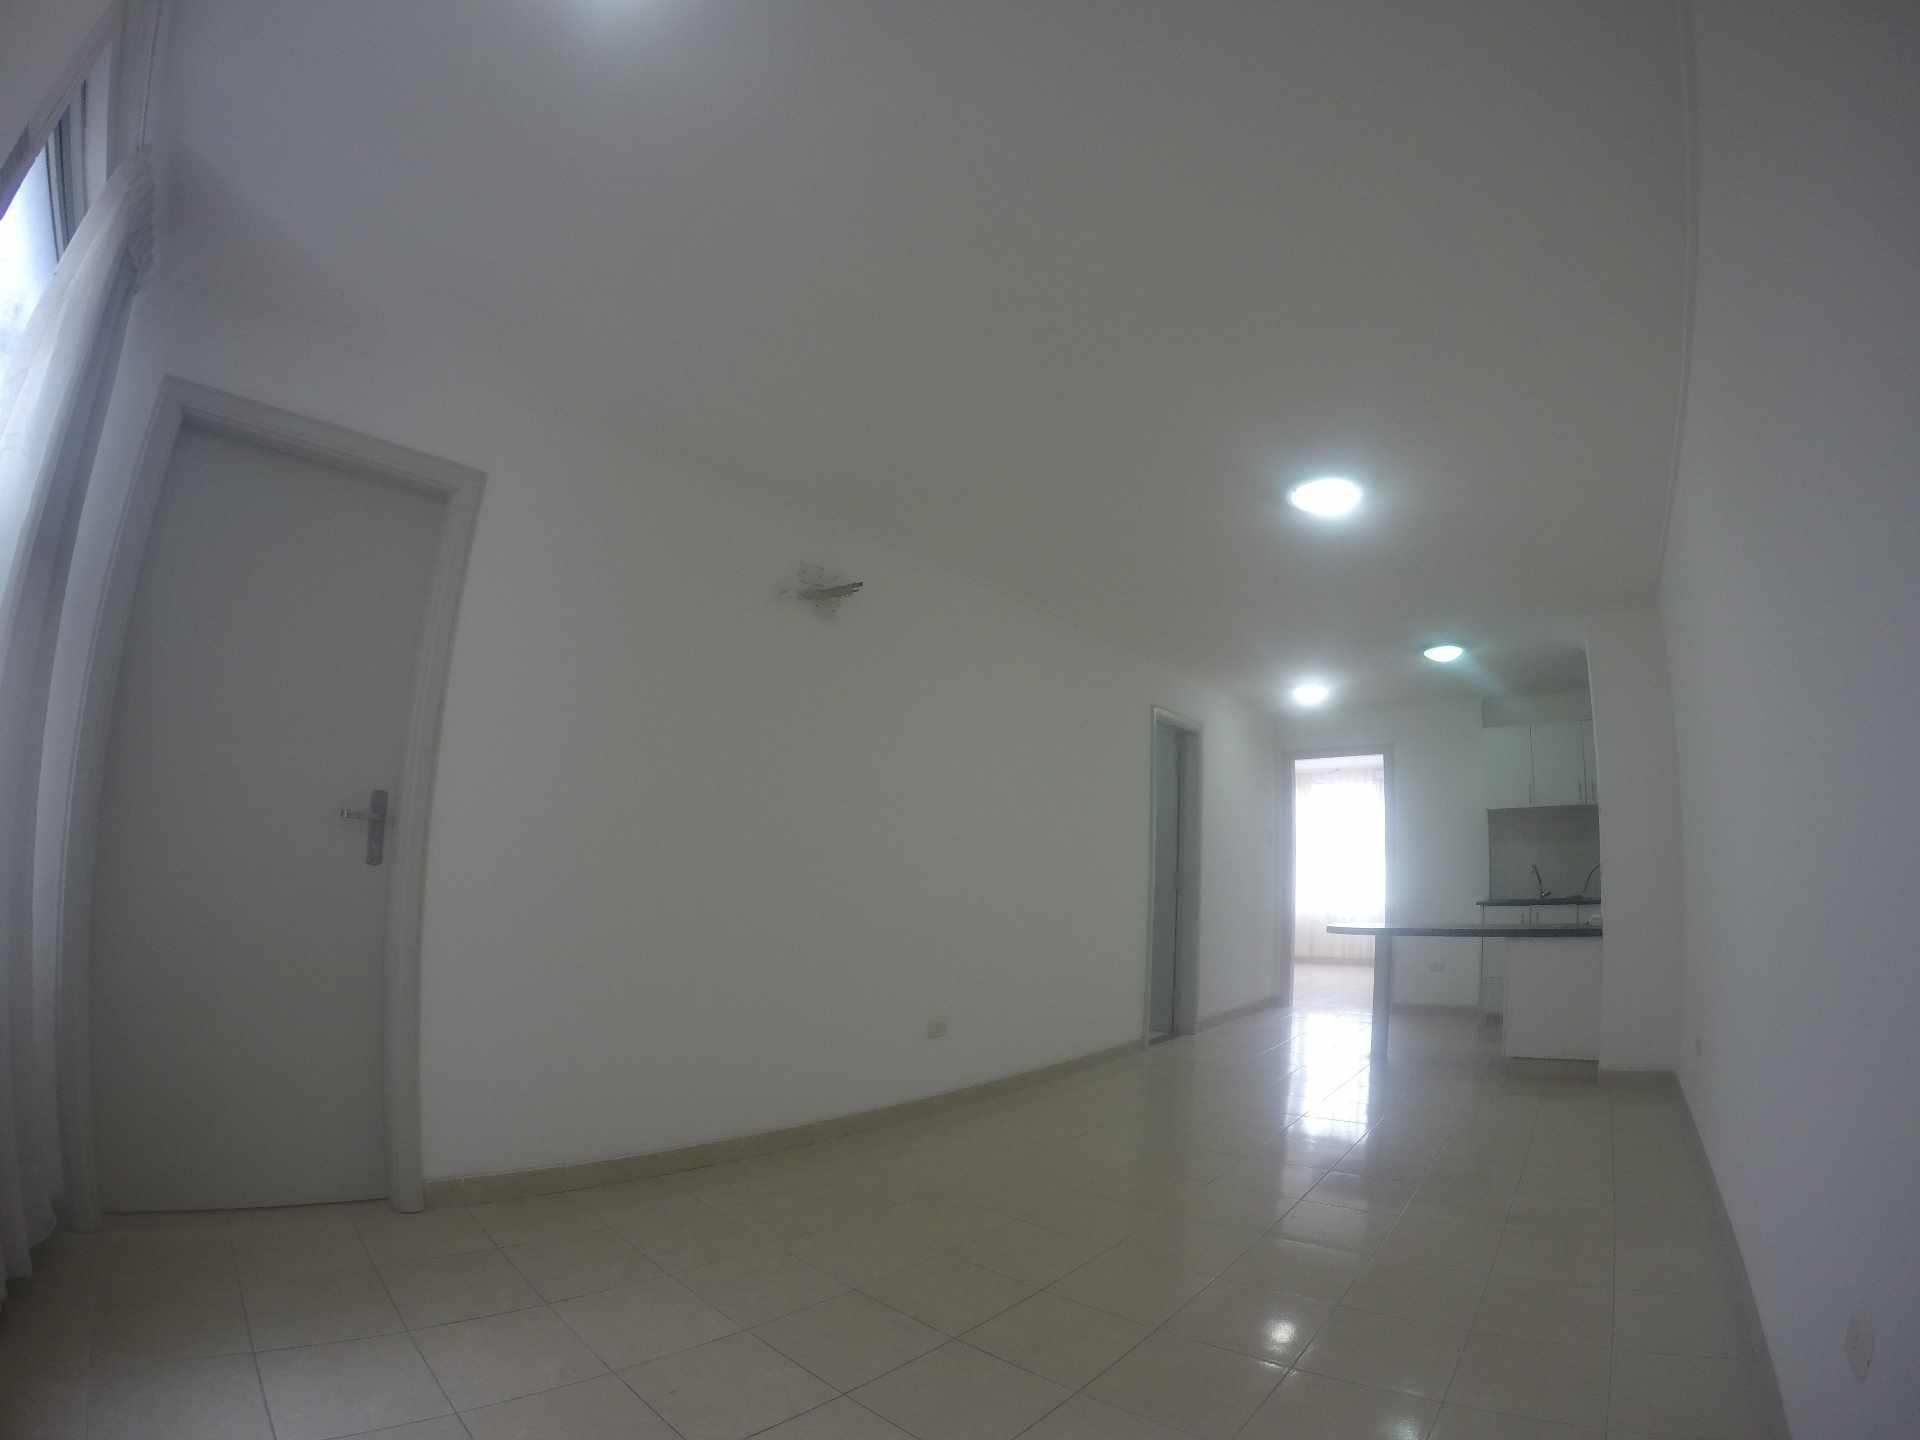 Departamento en Venta Condominio San Antonio [Av. Banzer 2do. y 3er. Anillo], De ocasión vendo departamento de 2 dormitorios sin parqueo. Foto 2